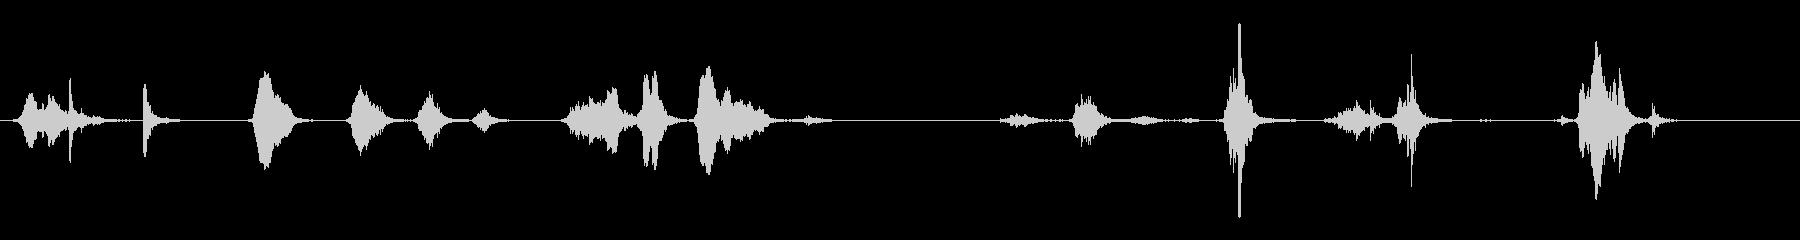 さまざまな短い擦り音の未再生の波形